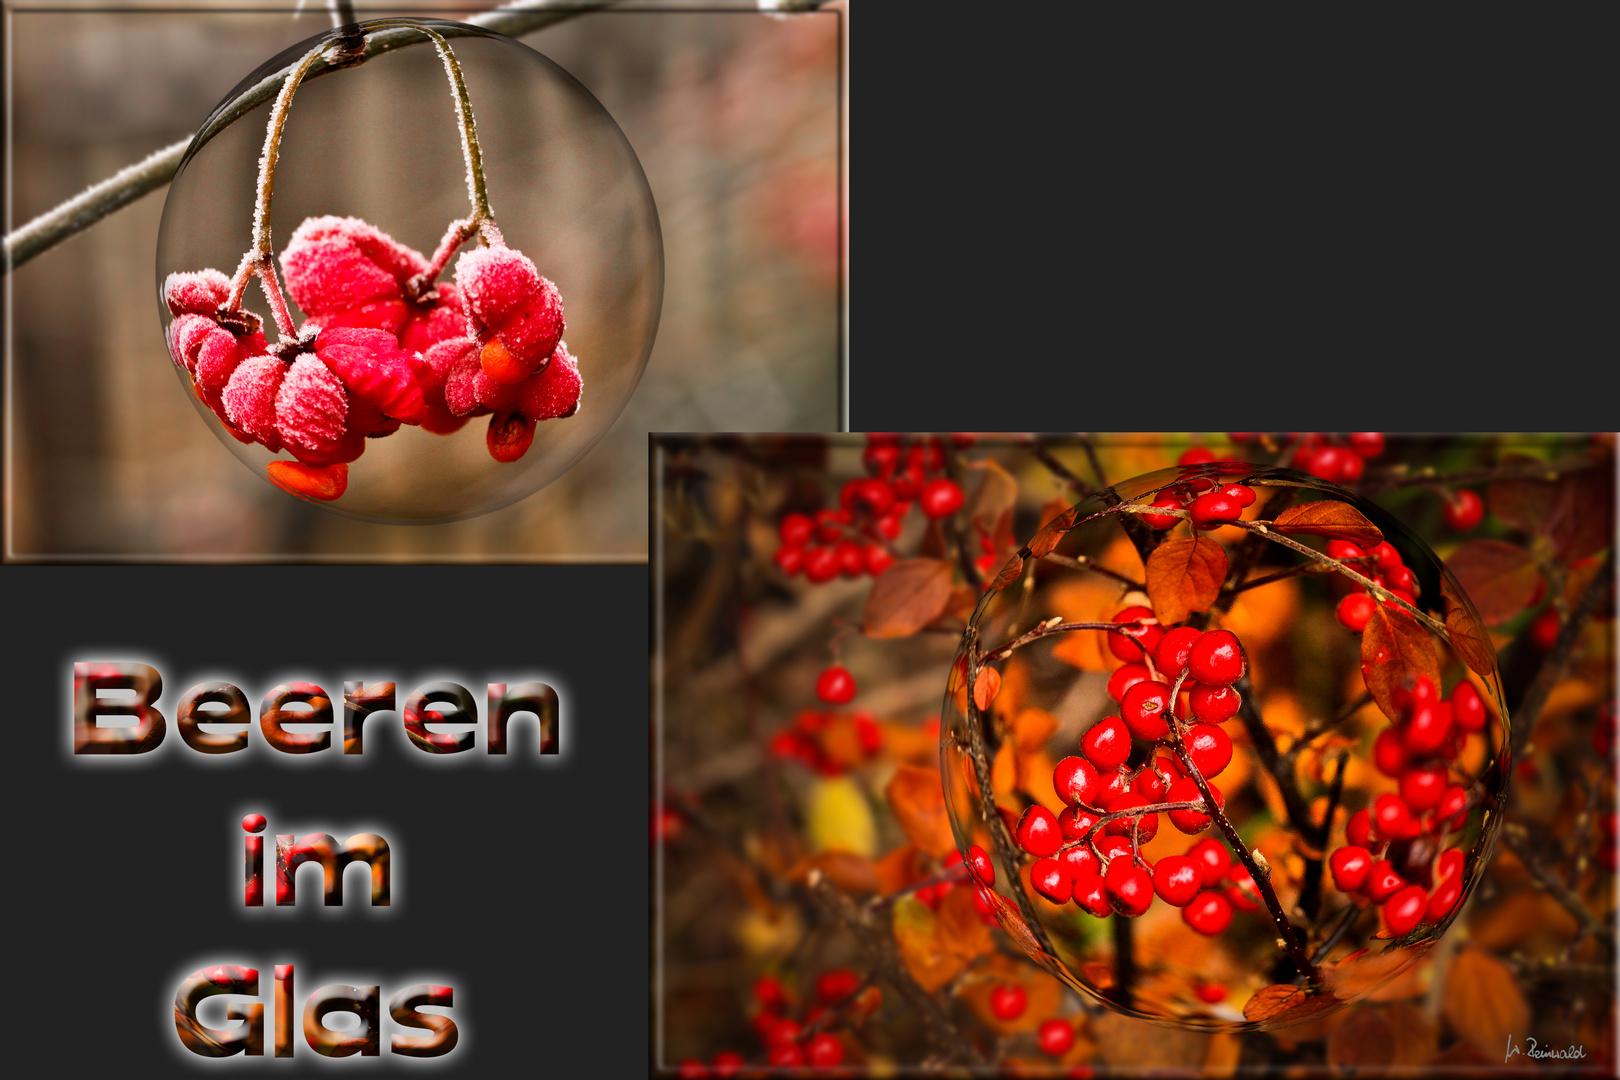 Beeren im Glas 2